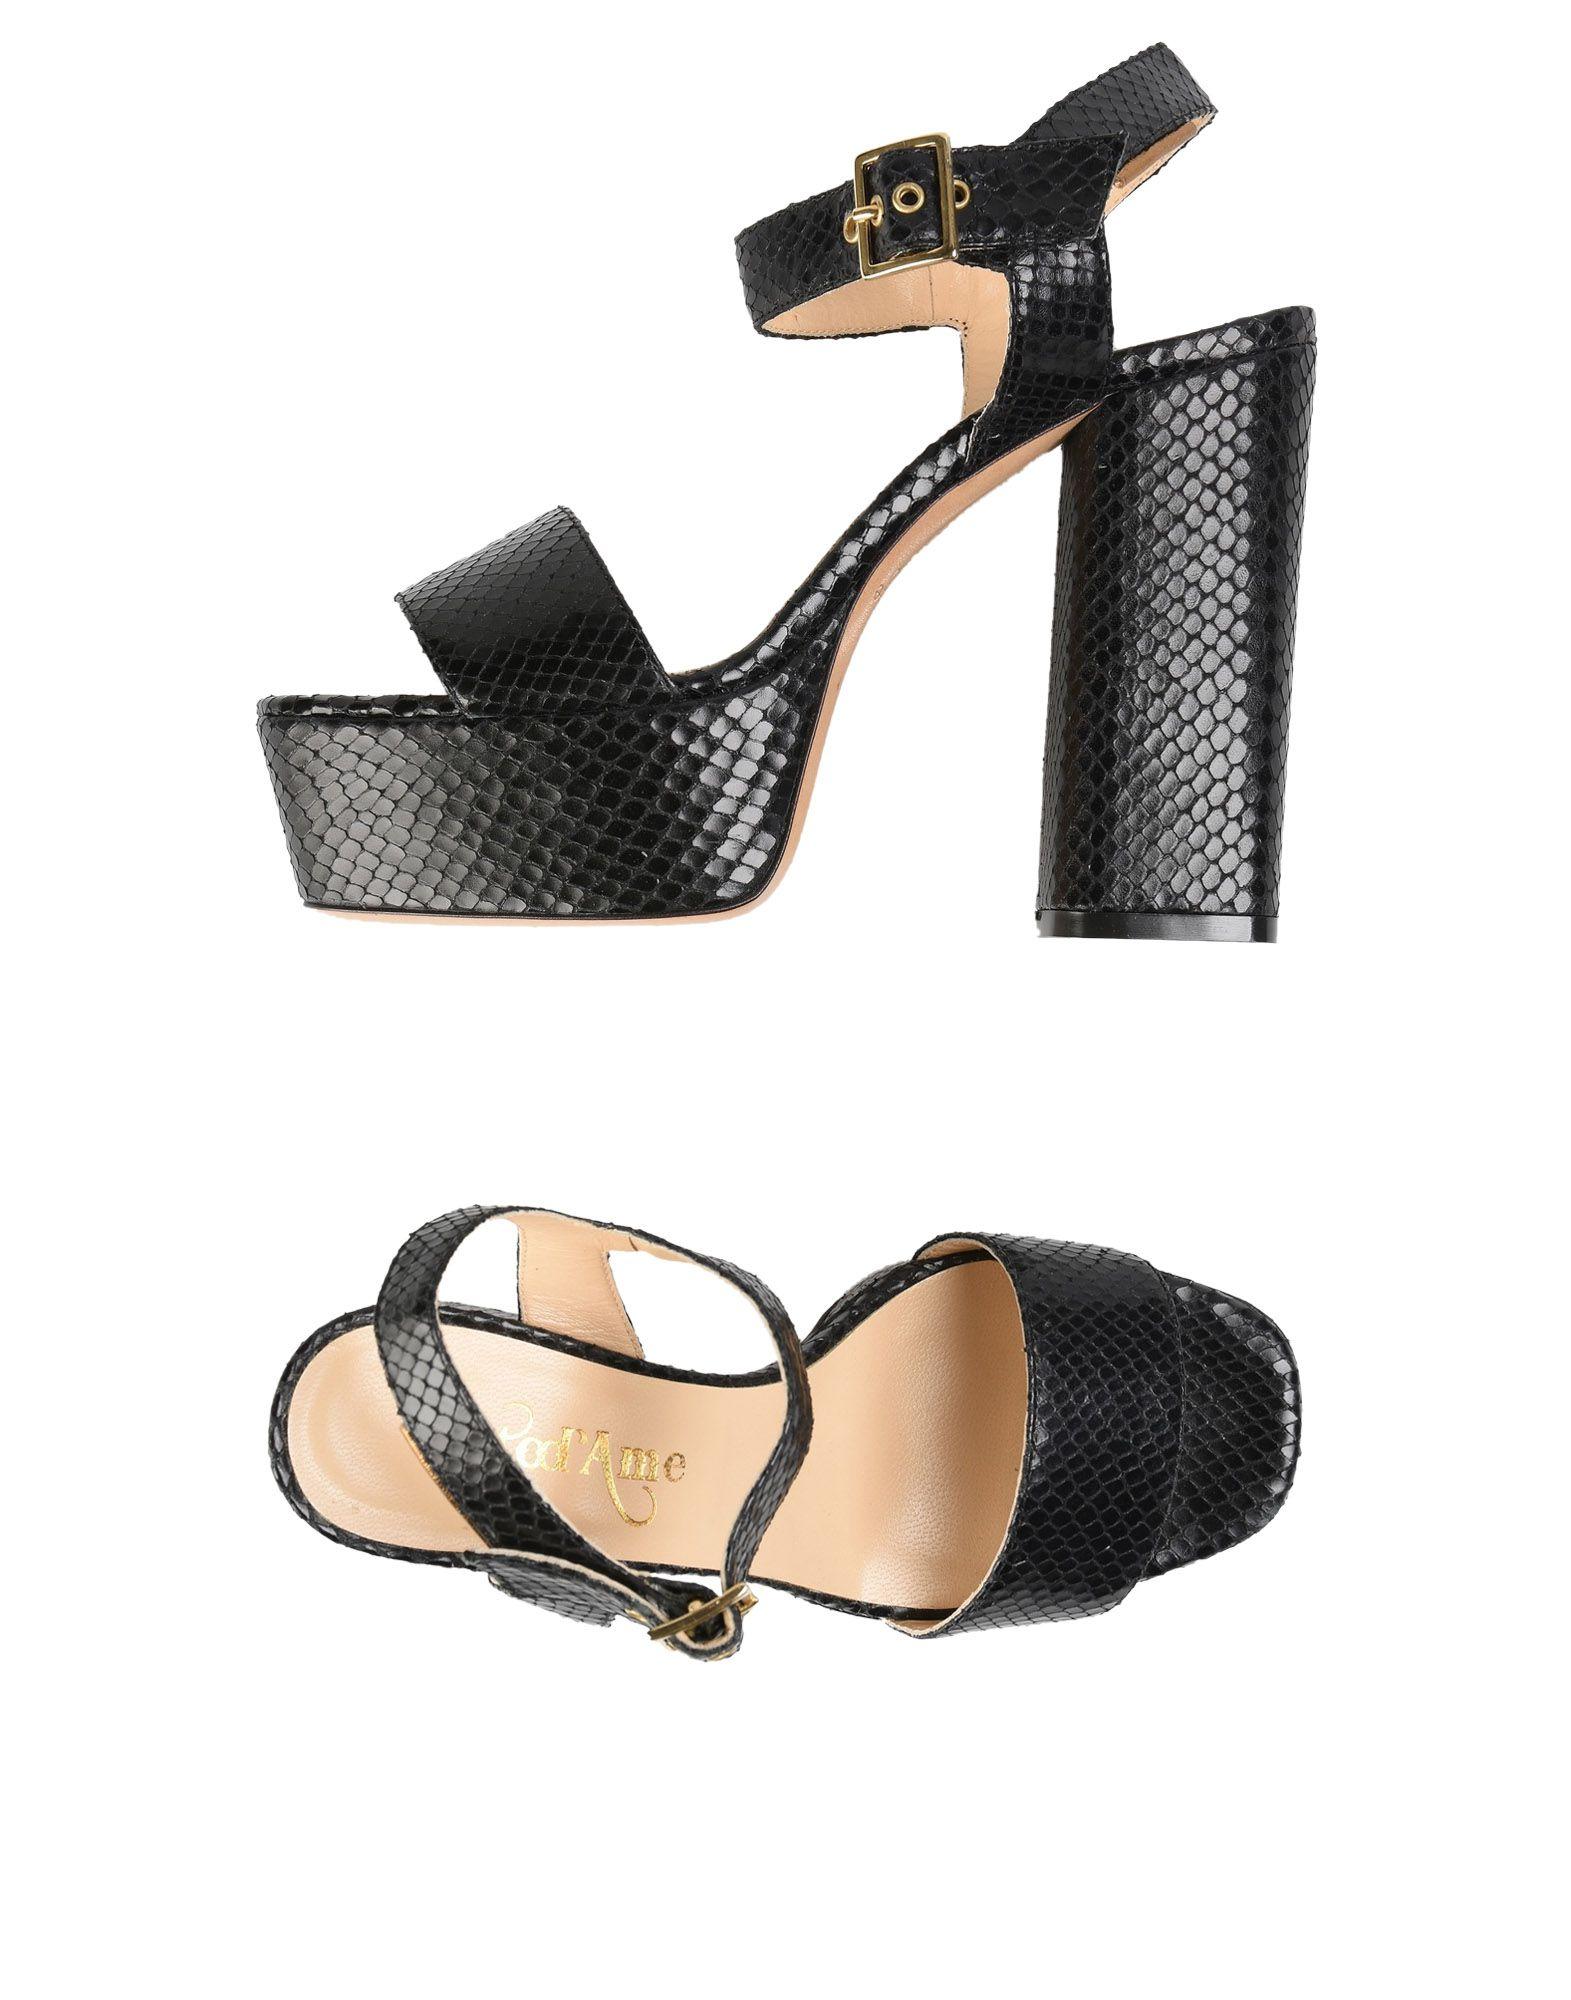 Los zapatos mujeres más populares para hombres y mujeres zapatos Sandalia Ottod'ame Mujer - Sandalias Ottod'ame  Negro 10f765